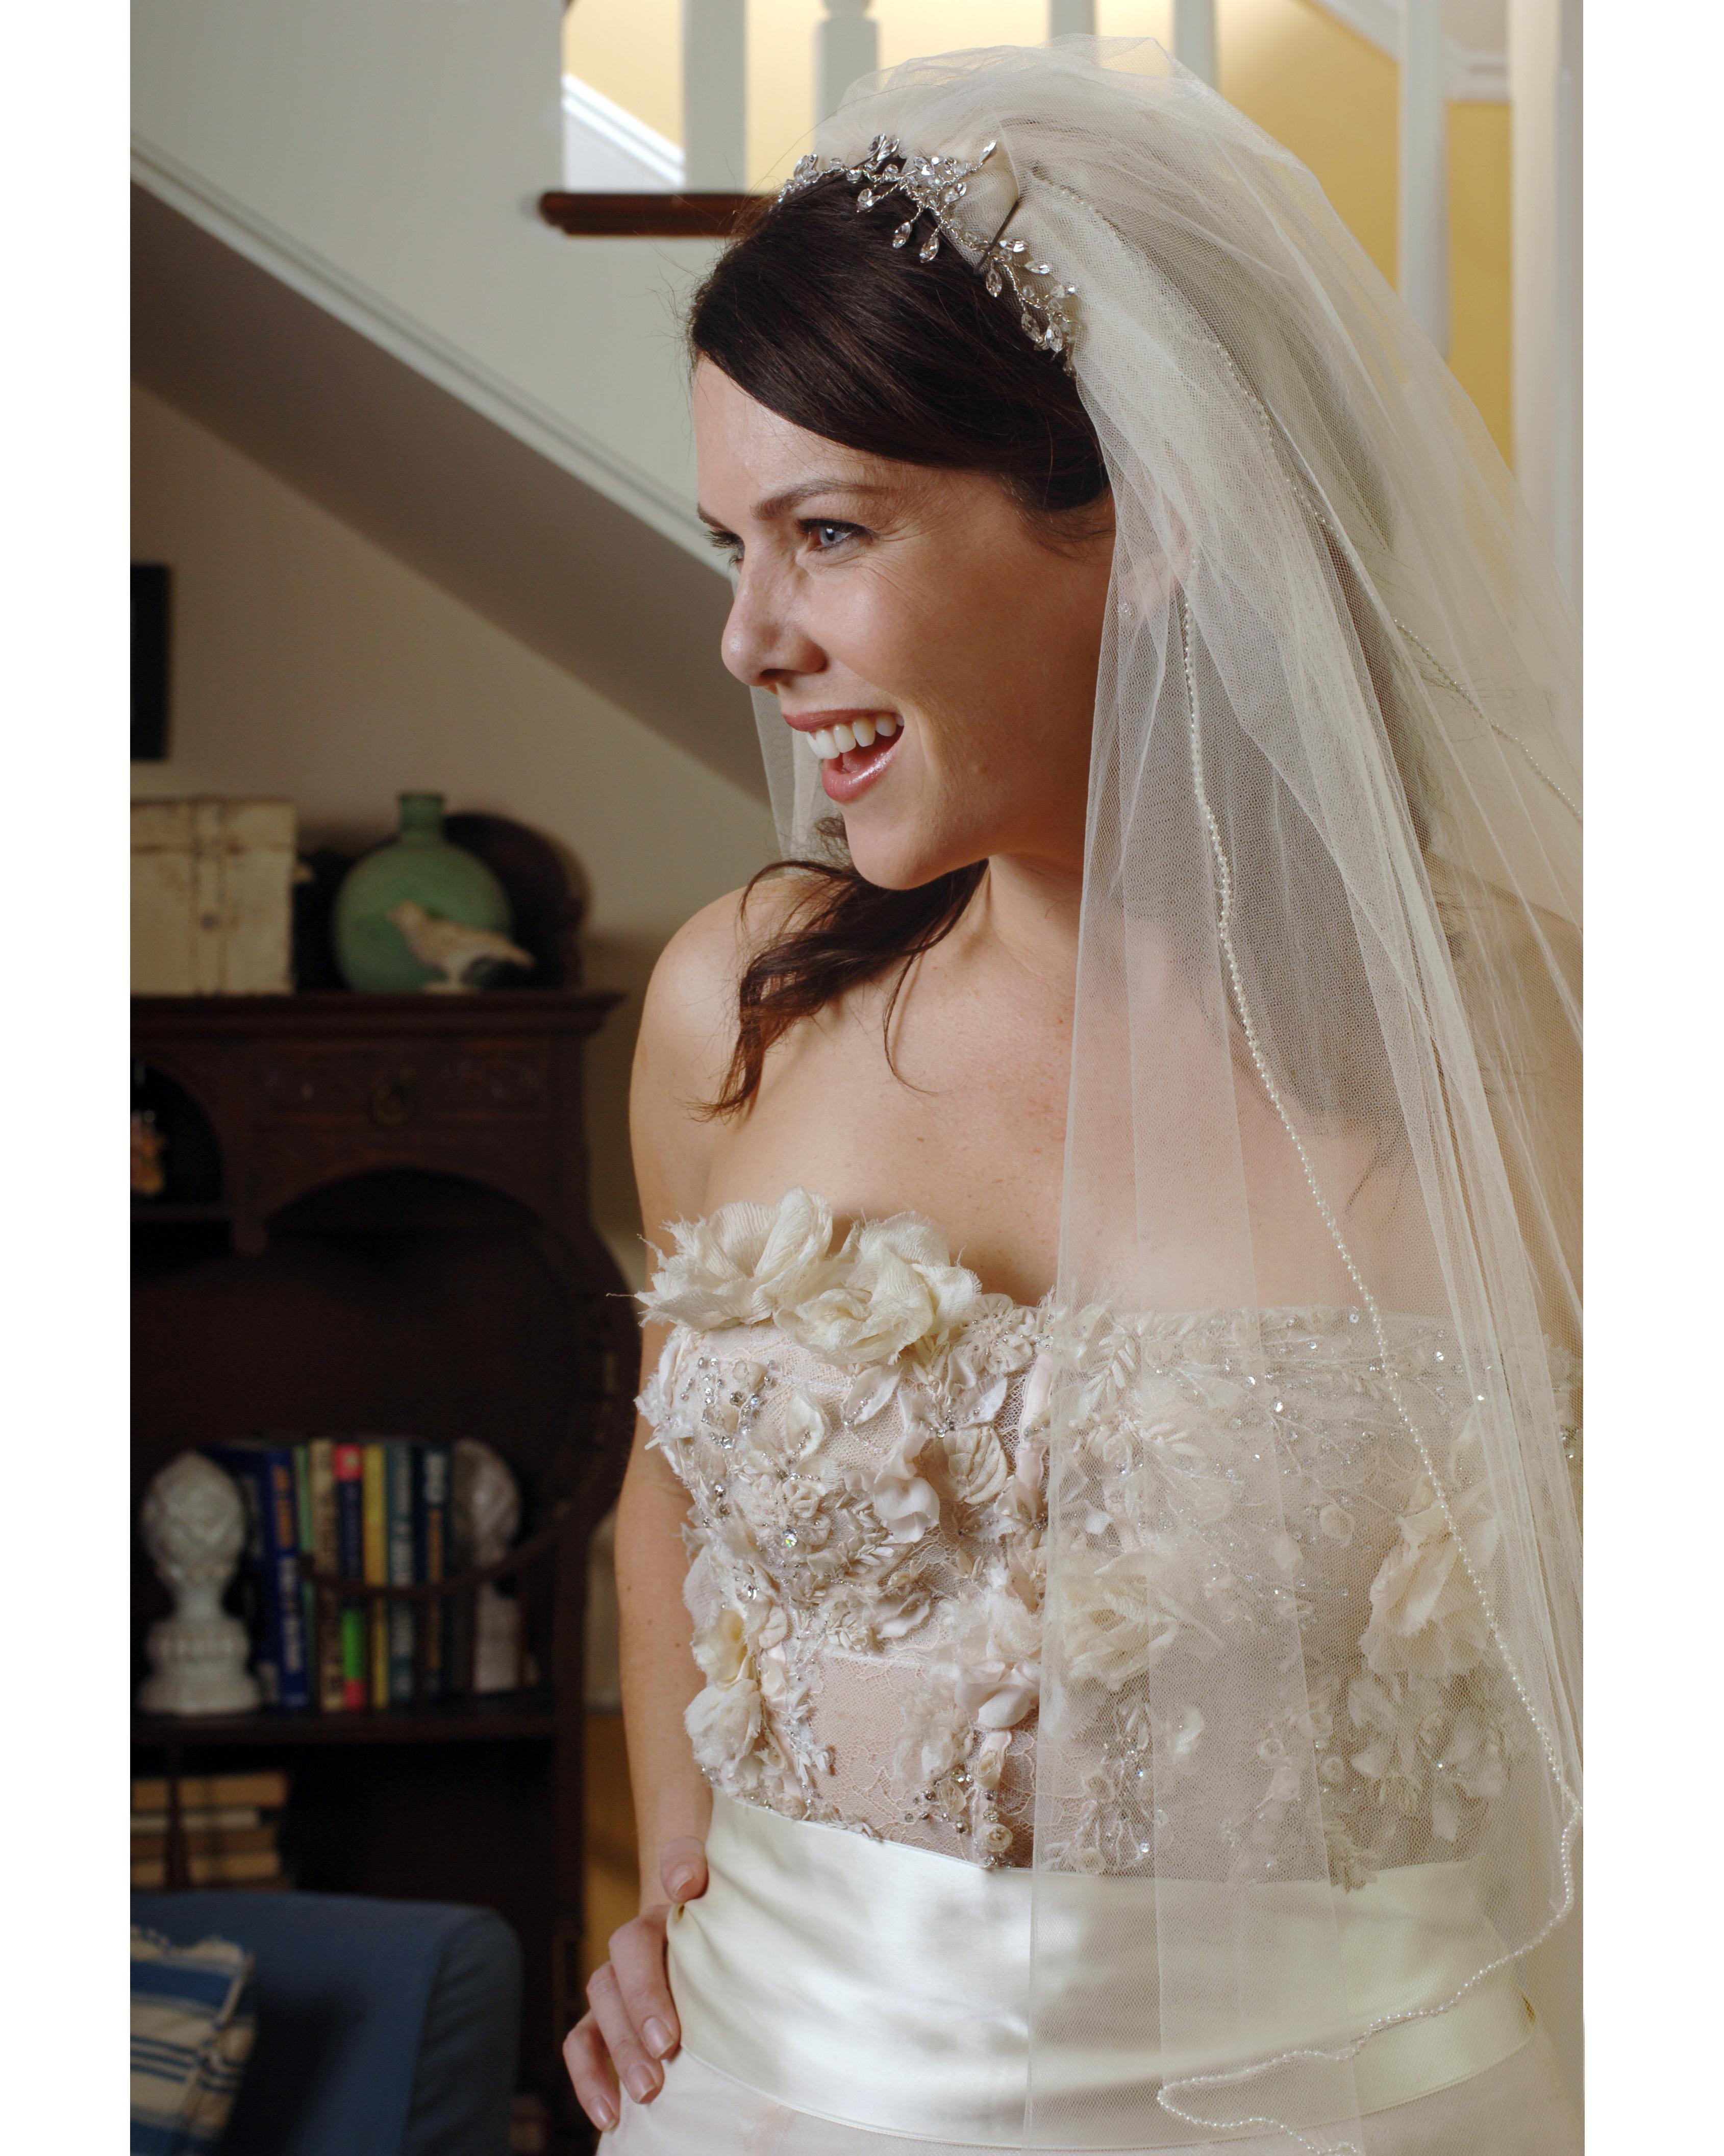 gilmore-girls-wedding-lorelai-wedding-dress-1015.jpg